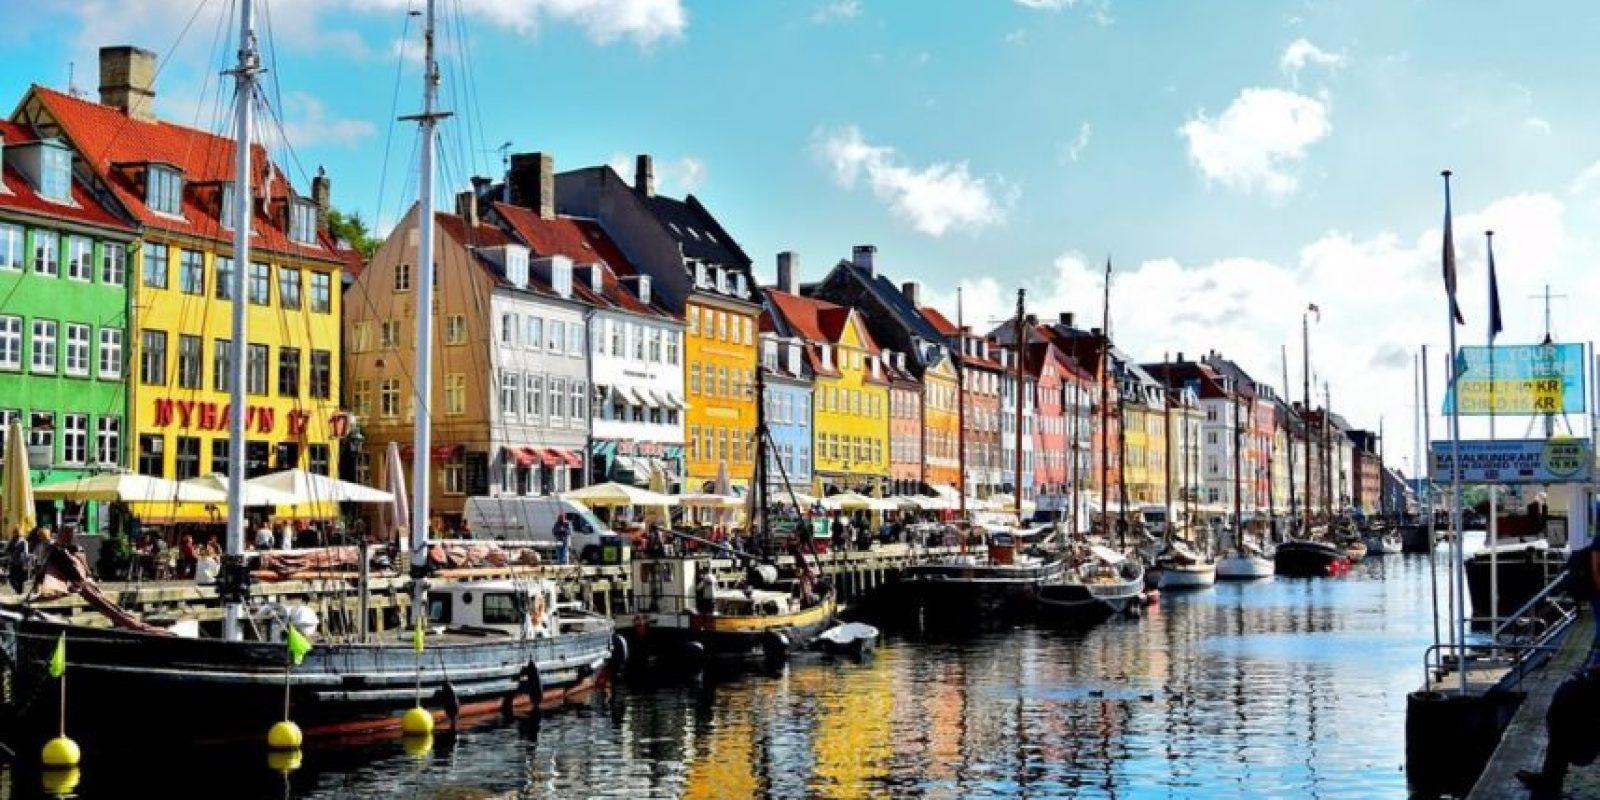 Su capital y ciudad más poblada es Copenhague. Foto:pixabay.com